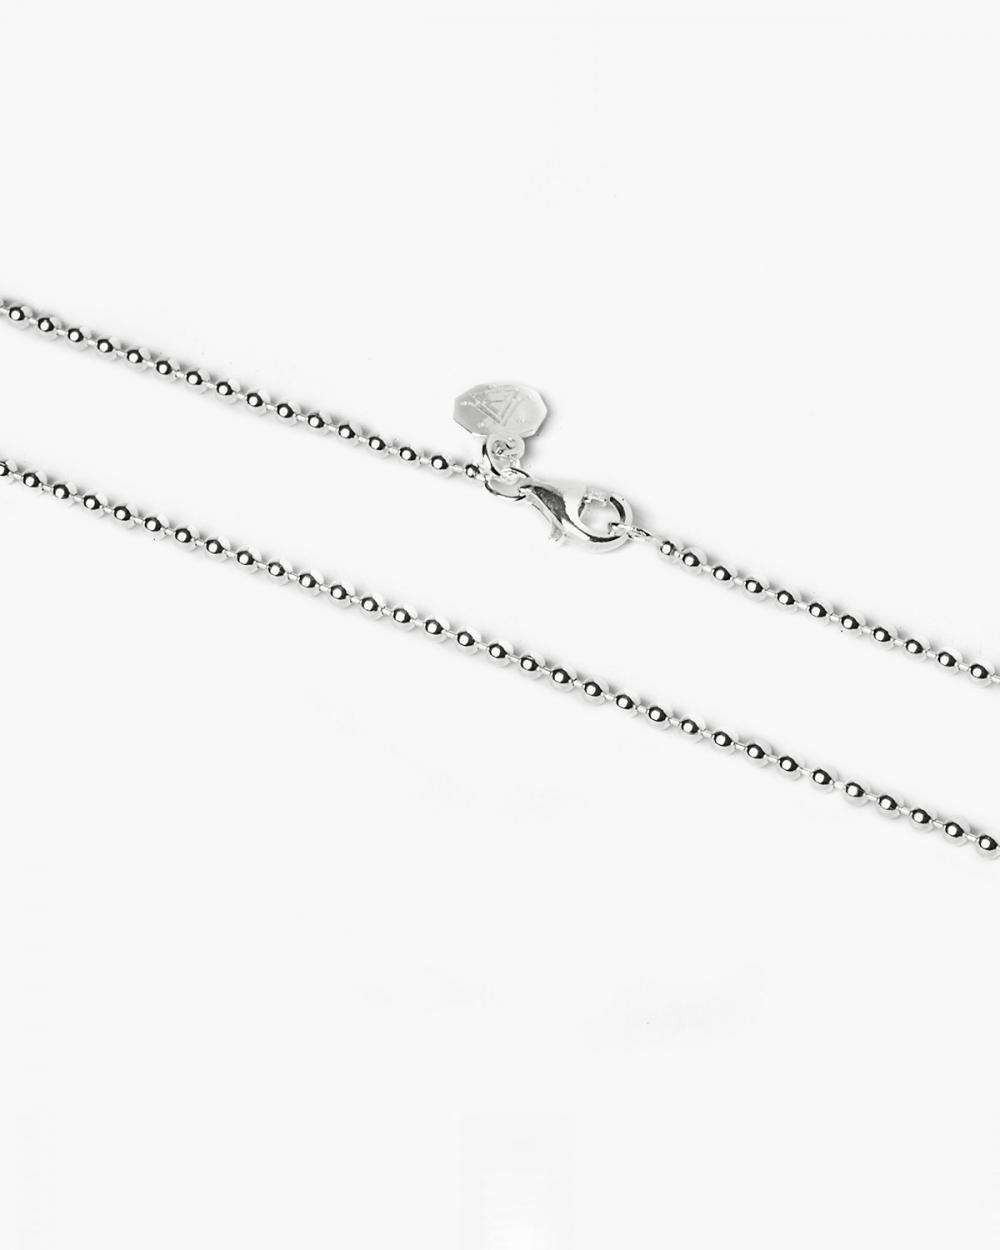 Necklaces BUBBLE CHAIN 150 NECKLACE NOVE25